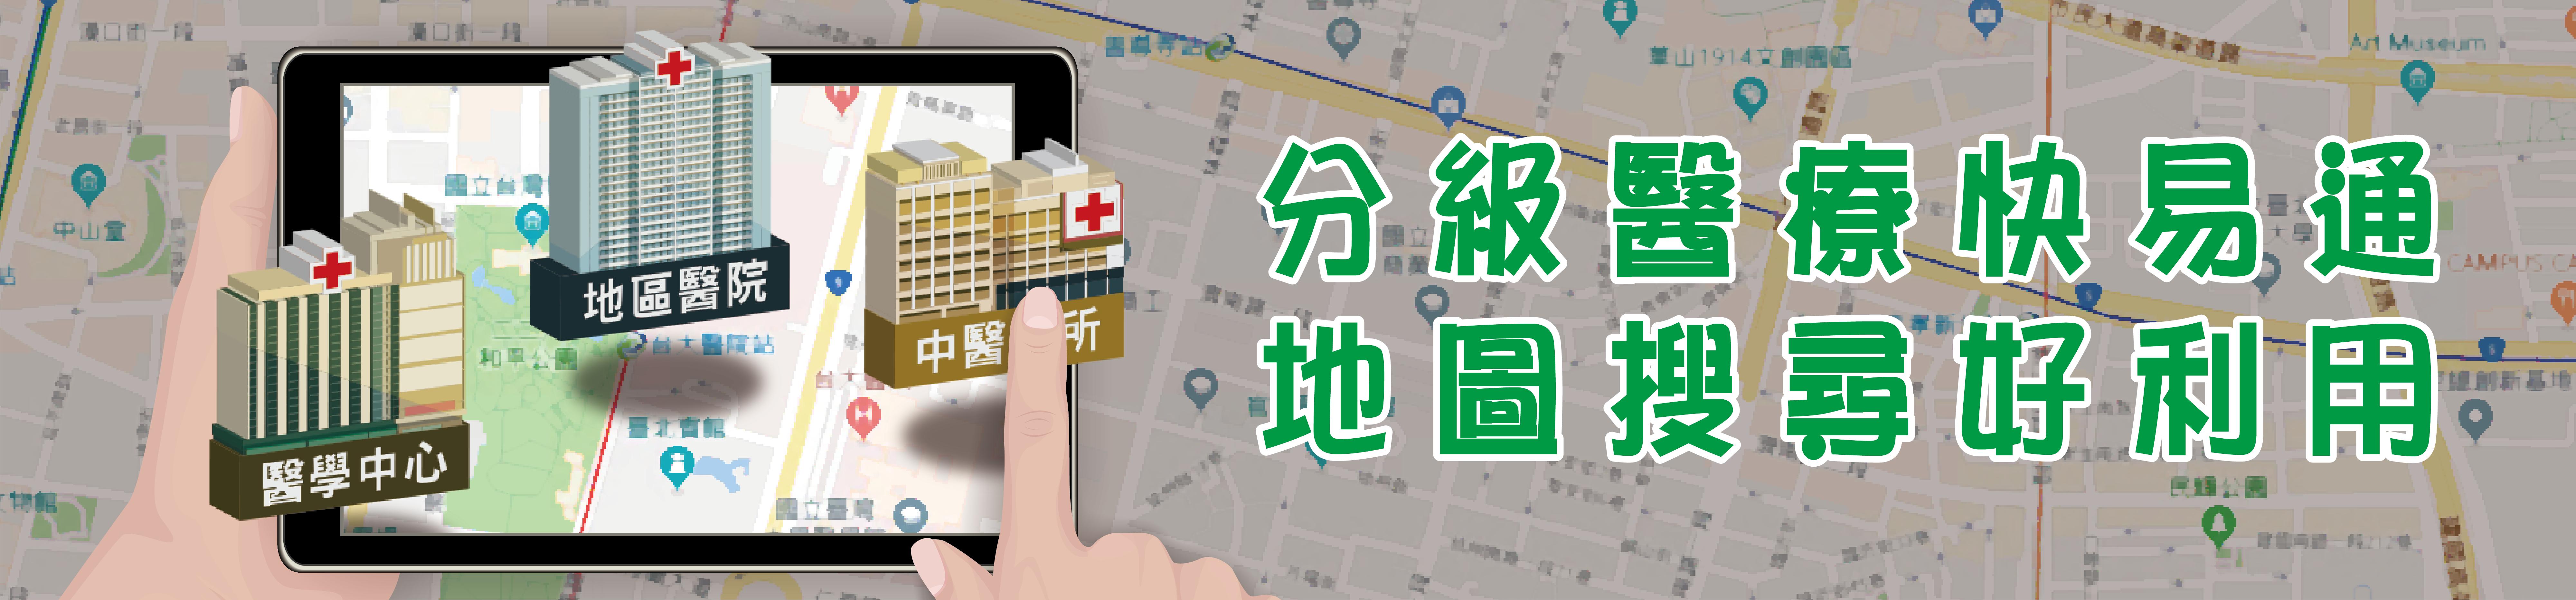 分級醫療快易通,地圖搜尋好利用